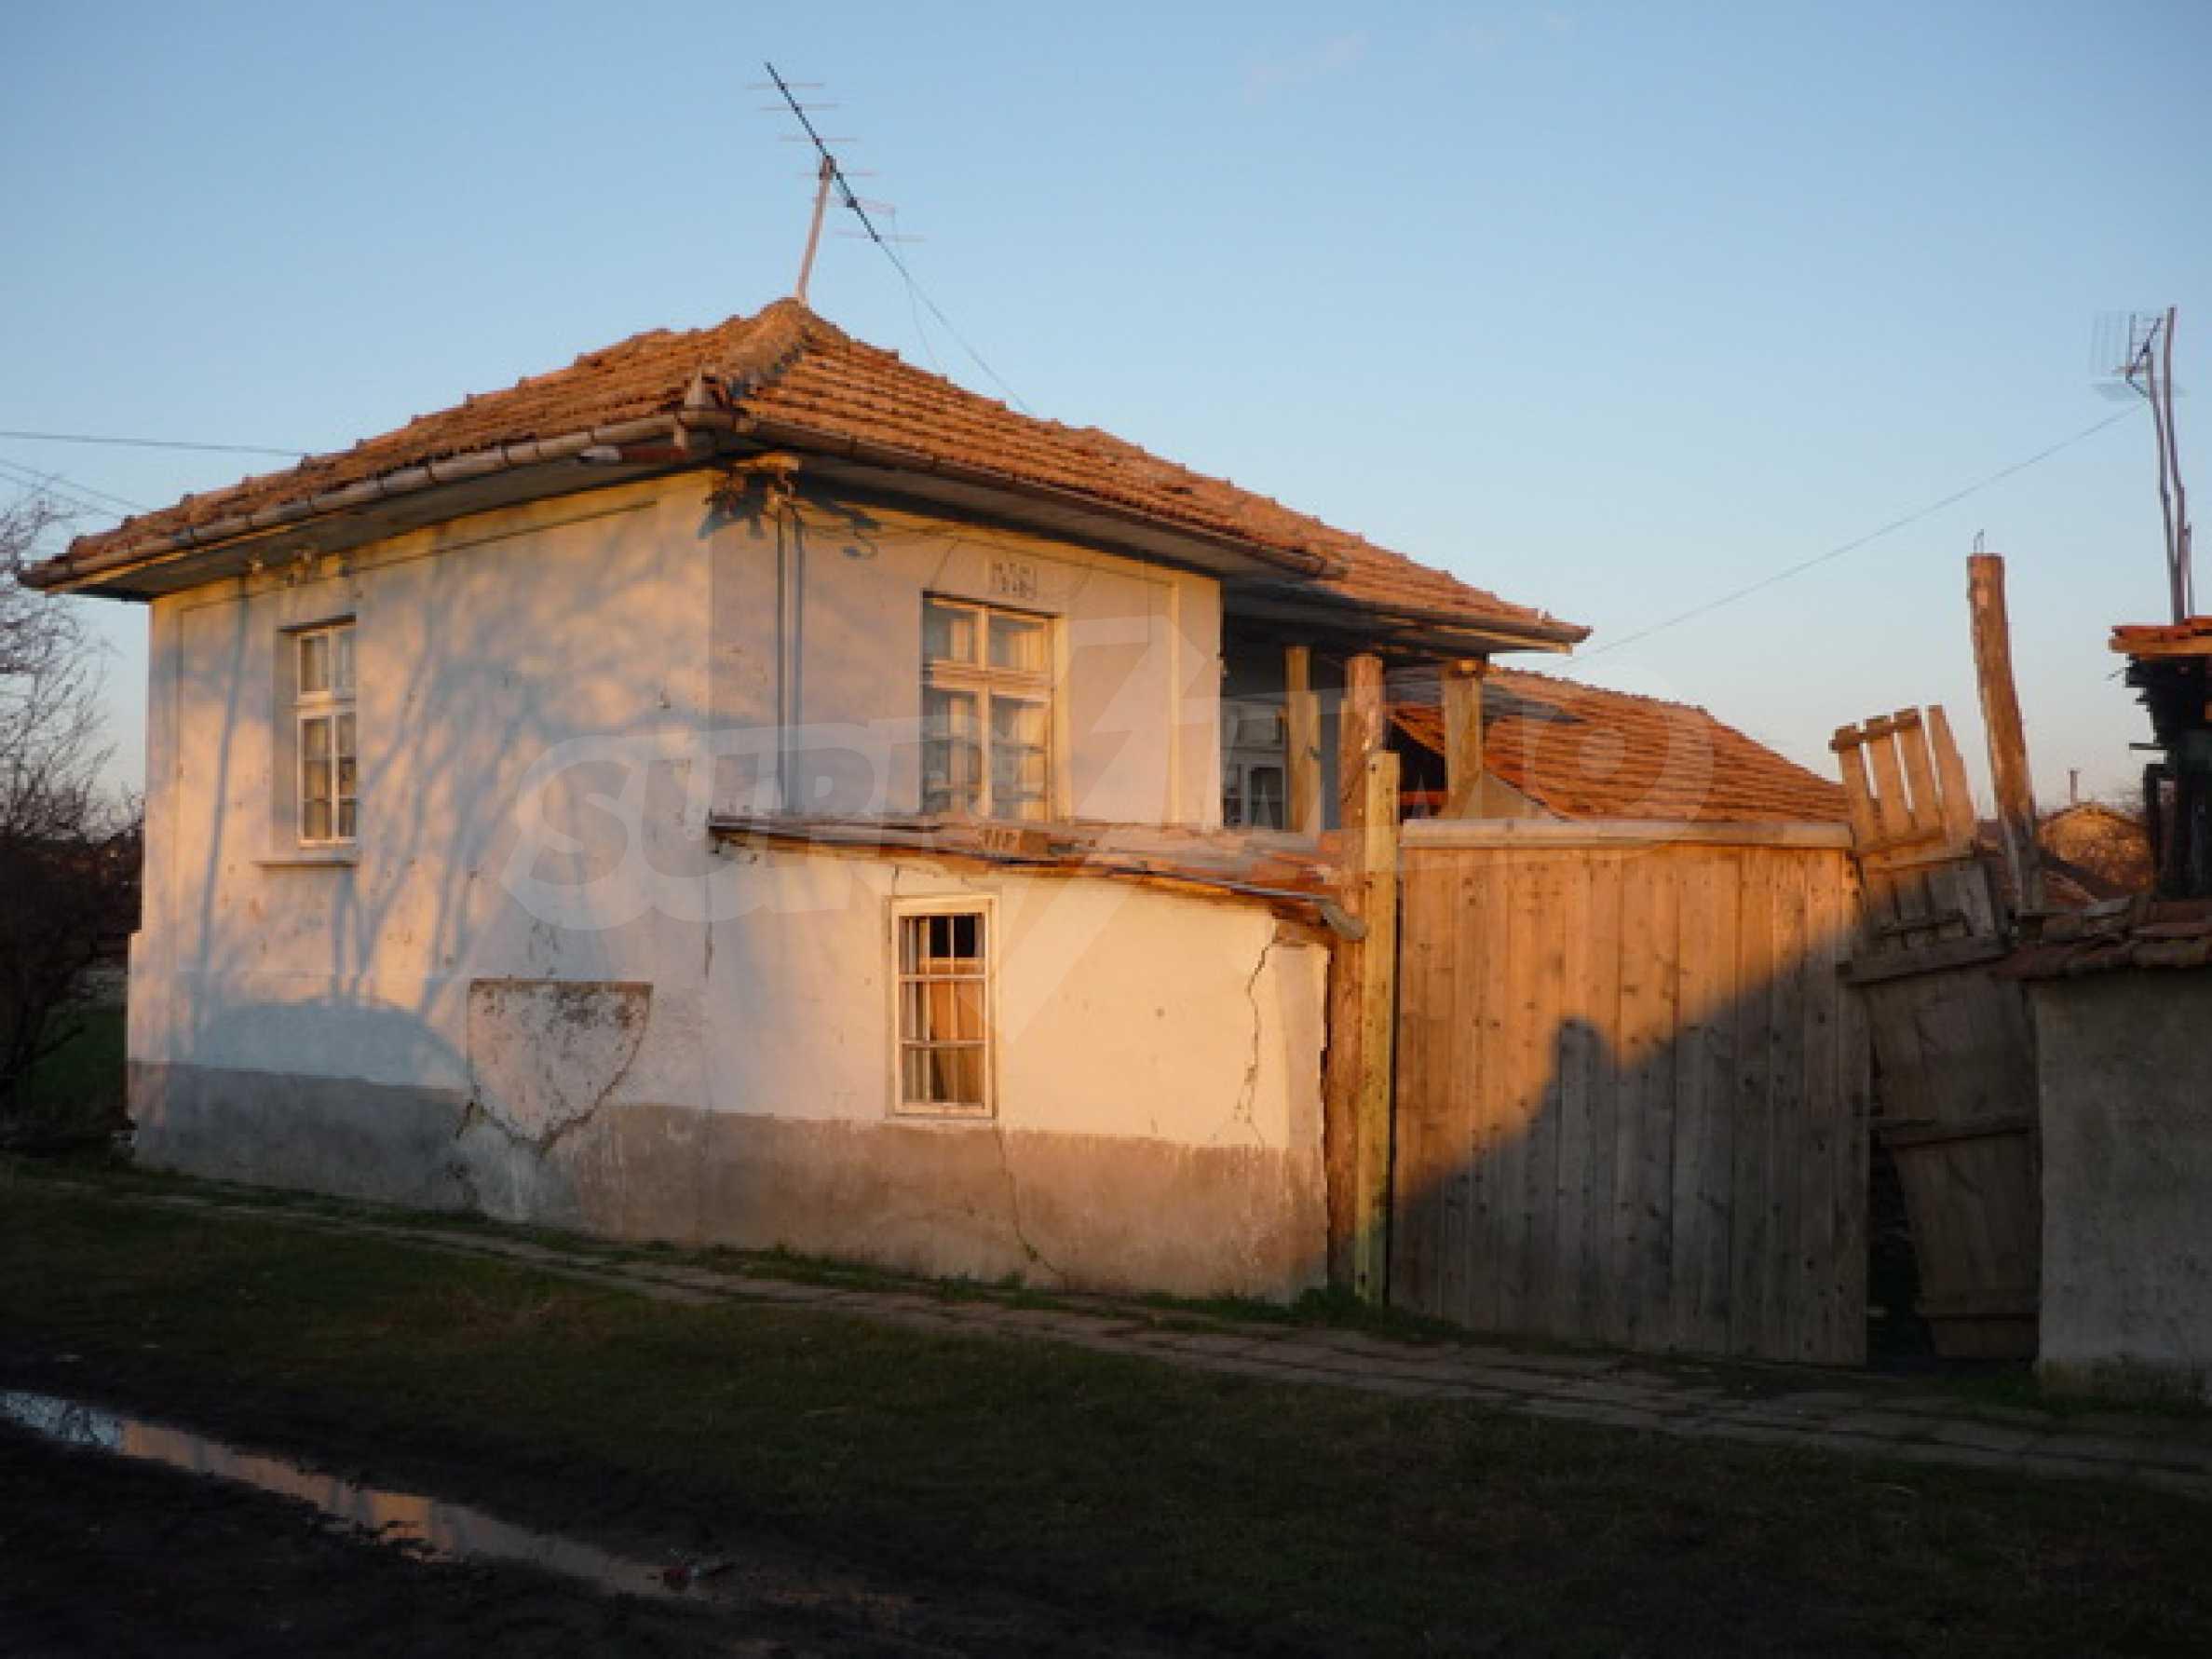 Продава се къща на два етажа в село на 40 километра от Велико Търново